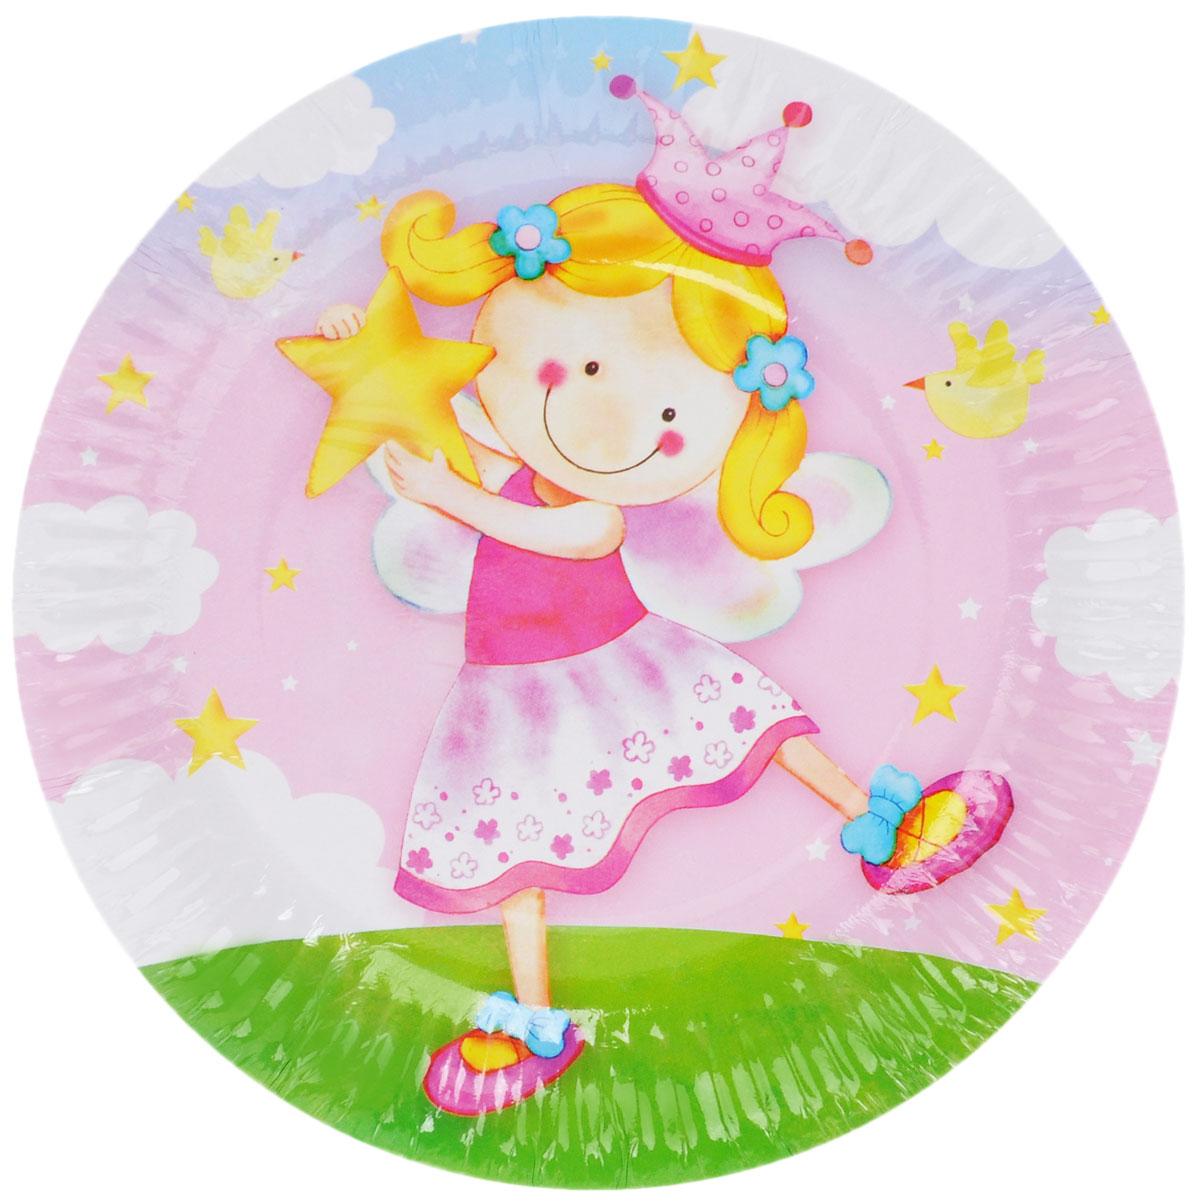 Веселая затея Тарелка бумажная Звездная фея, диаметр 17 см, 6 шт miland тарелка бумажная футбольный матч 17 см 6 шт